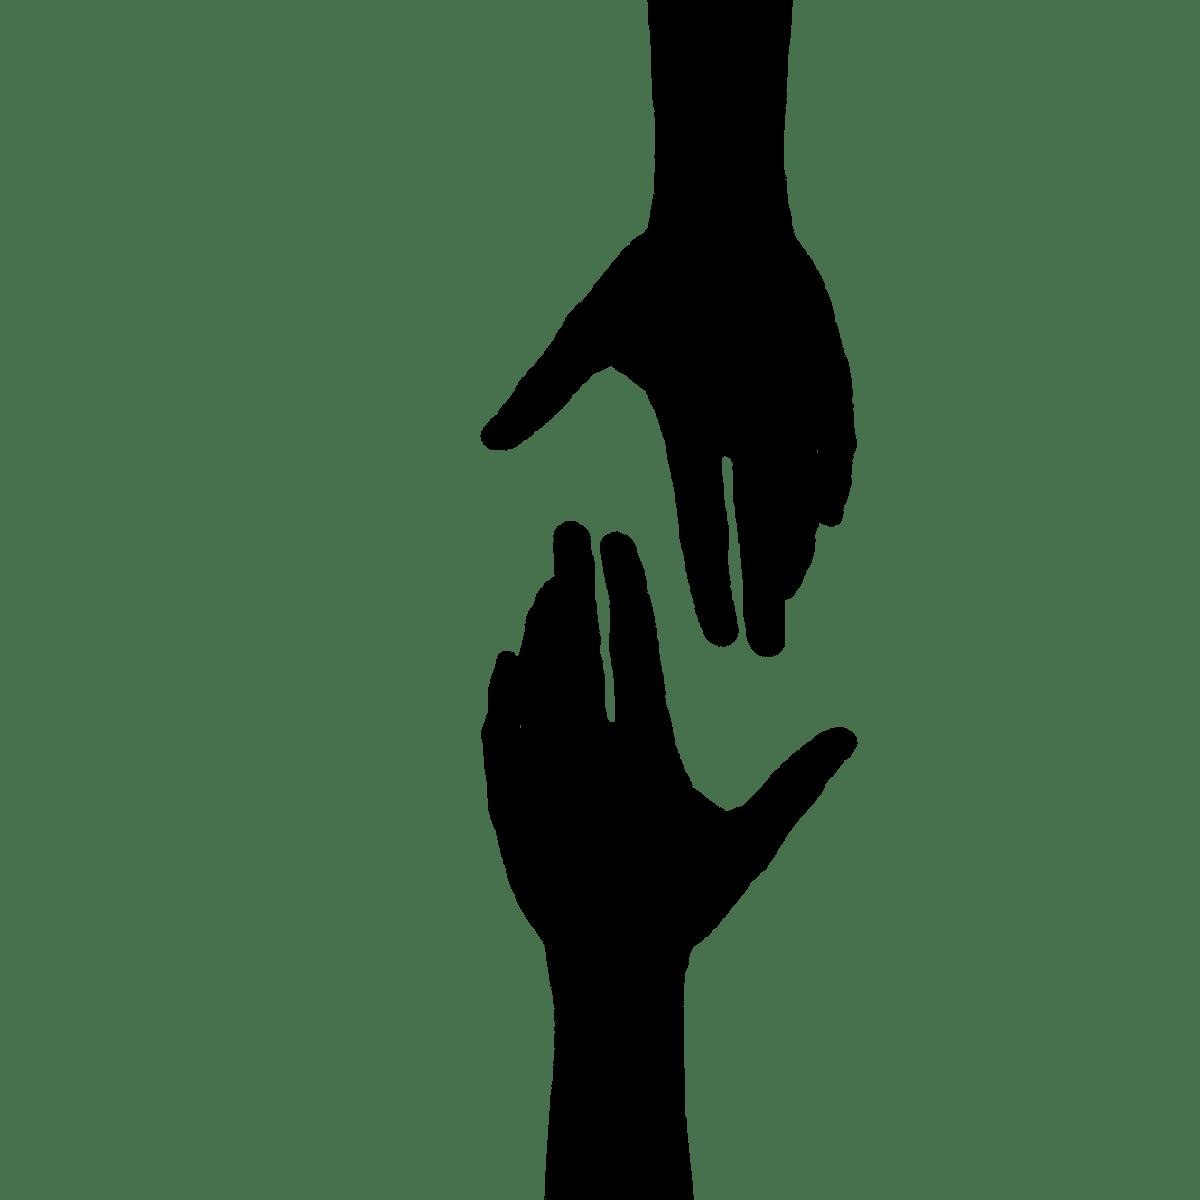 Giving Back: 7 Dagen iets voor een Ander doen (update: 15-12)